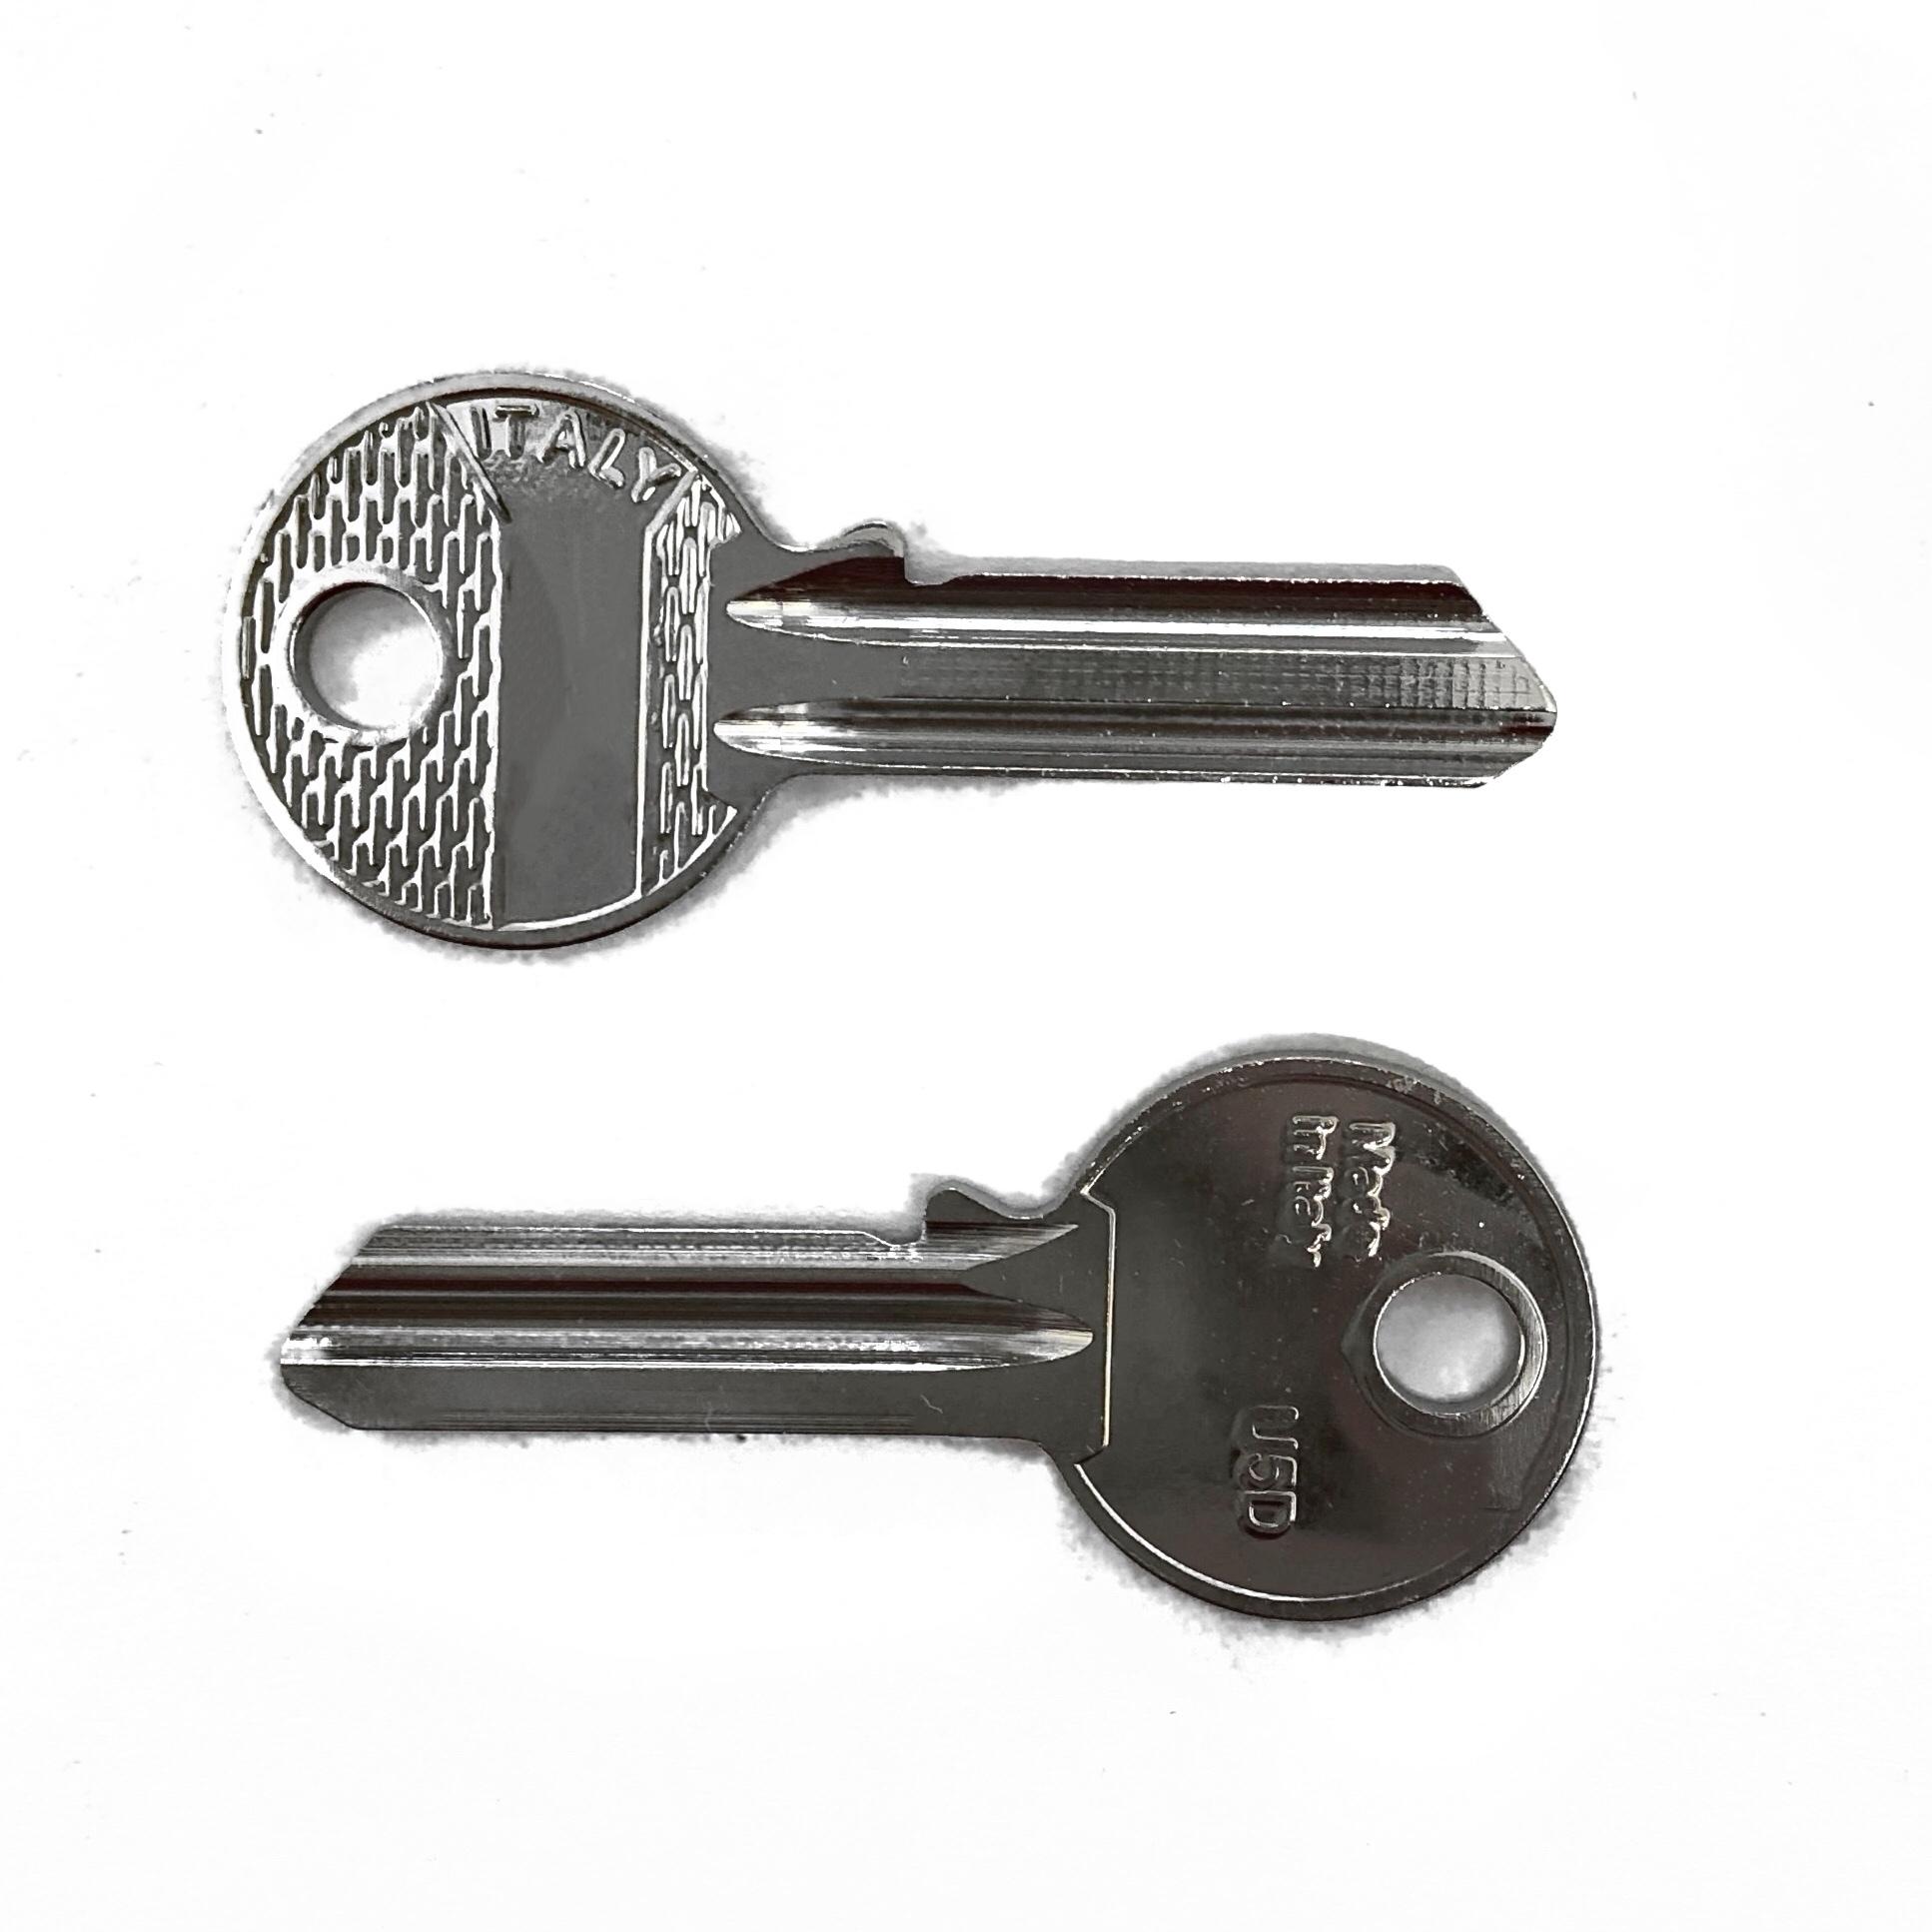 La chiave seghettata tradizionale il posto delle chiavi for Estrarre chiave rotta da cilindro